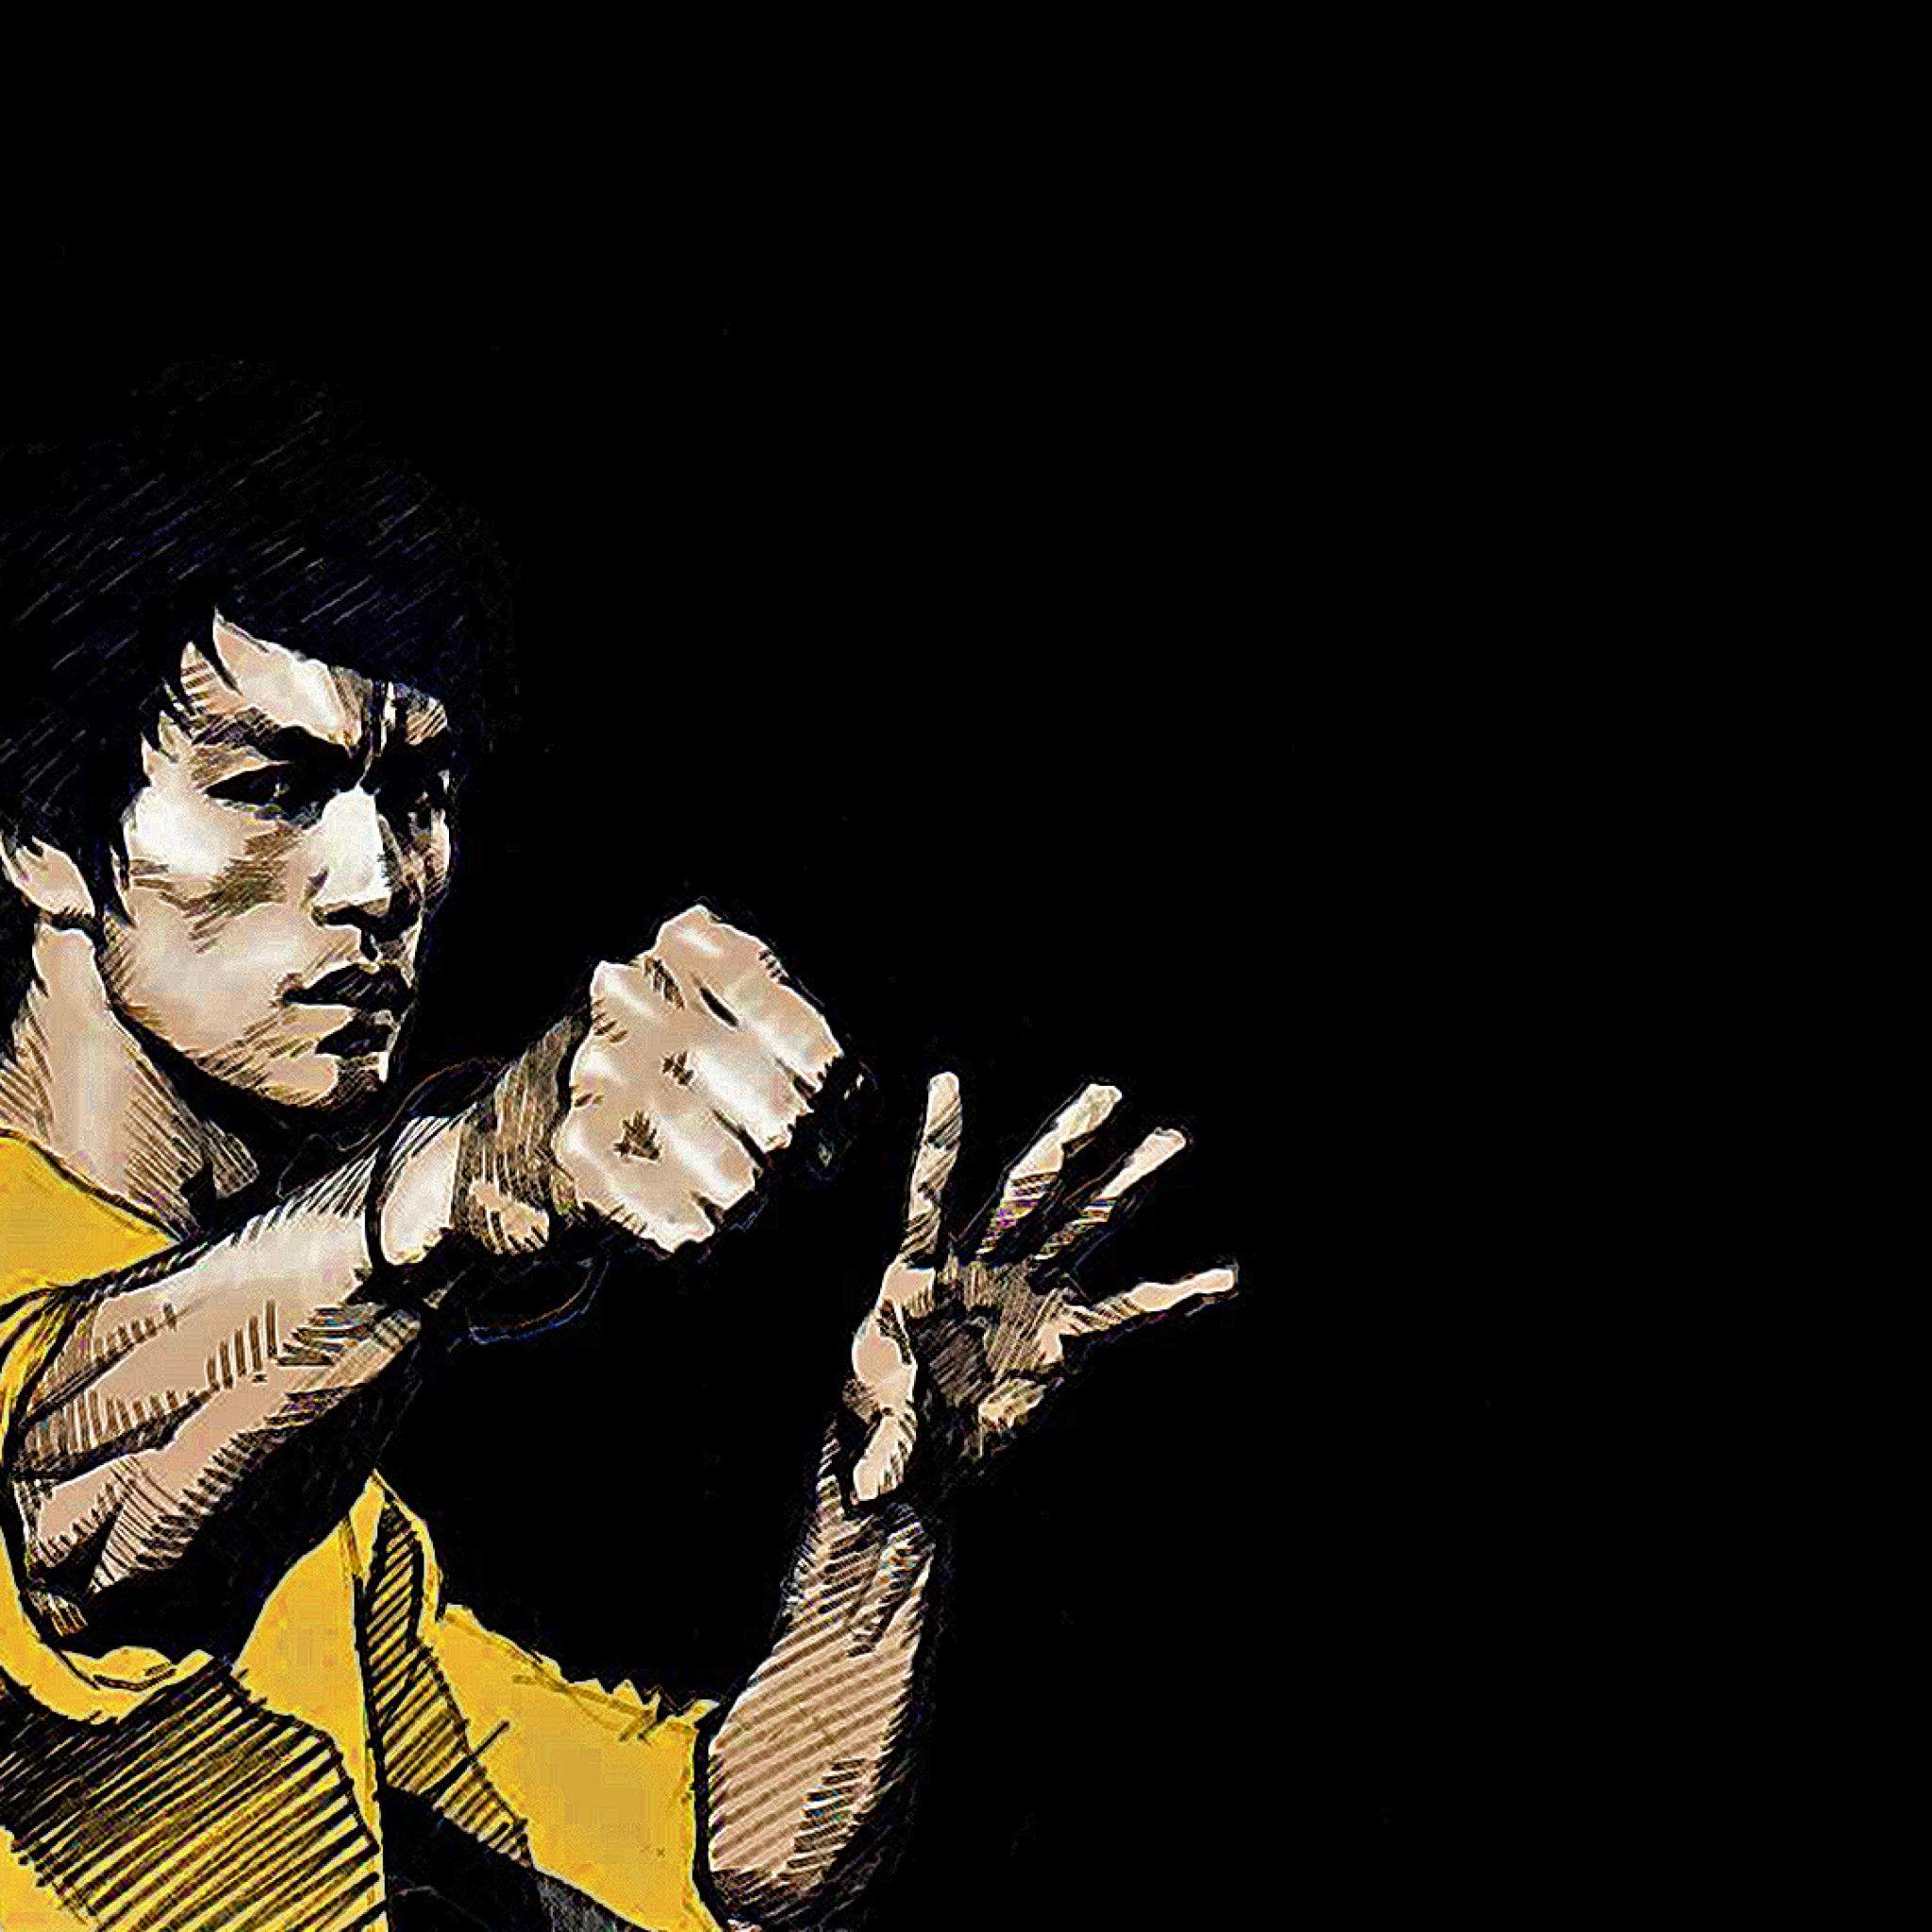 Nim Bruce Lee The Legend Set Bruce Lee Bollywood Images Celebrities